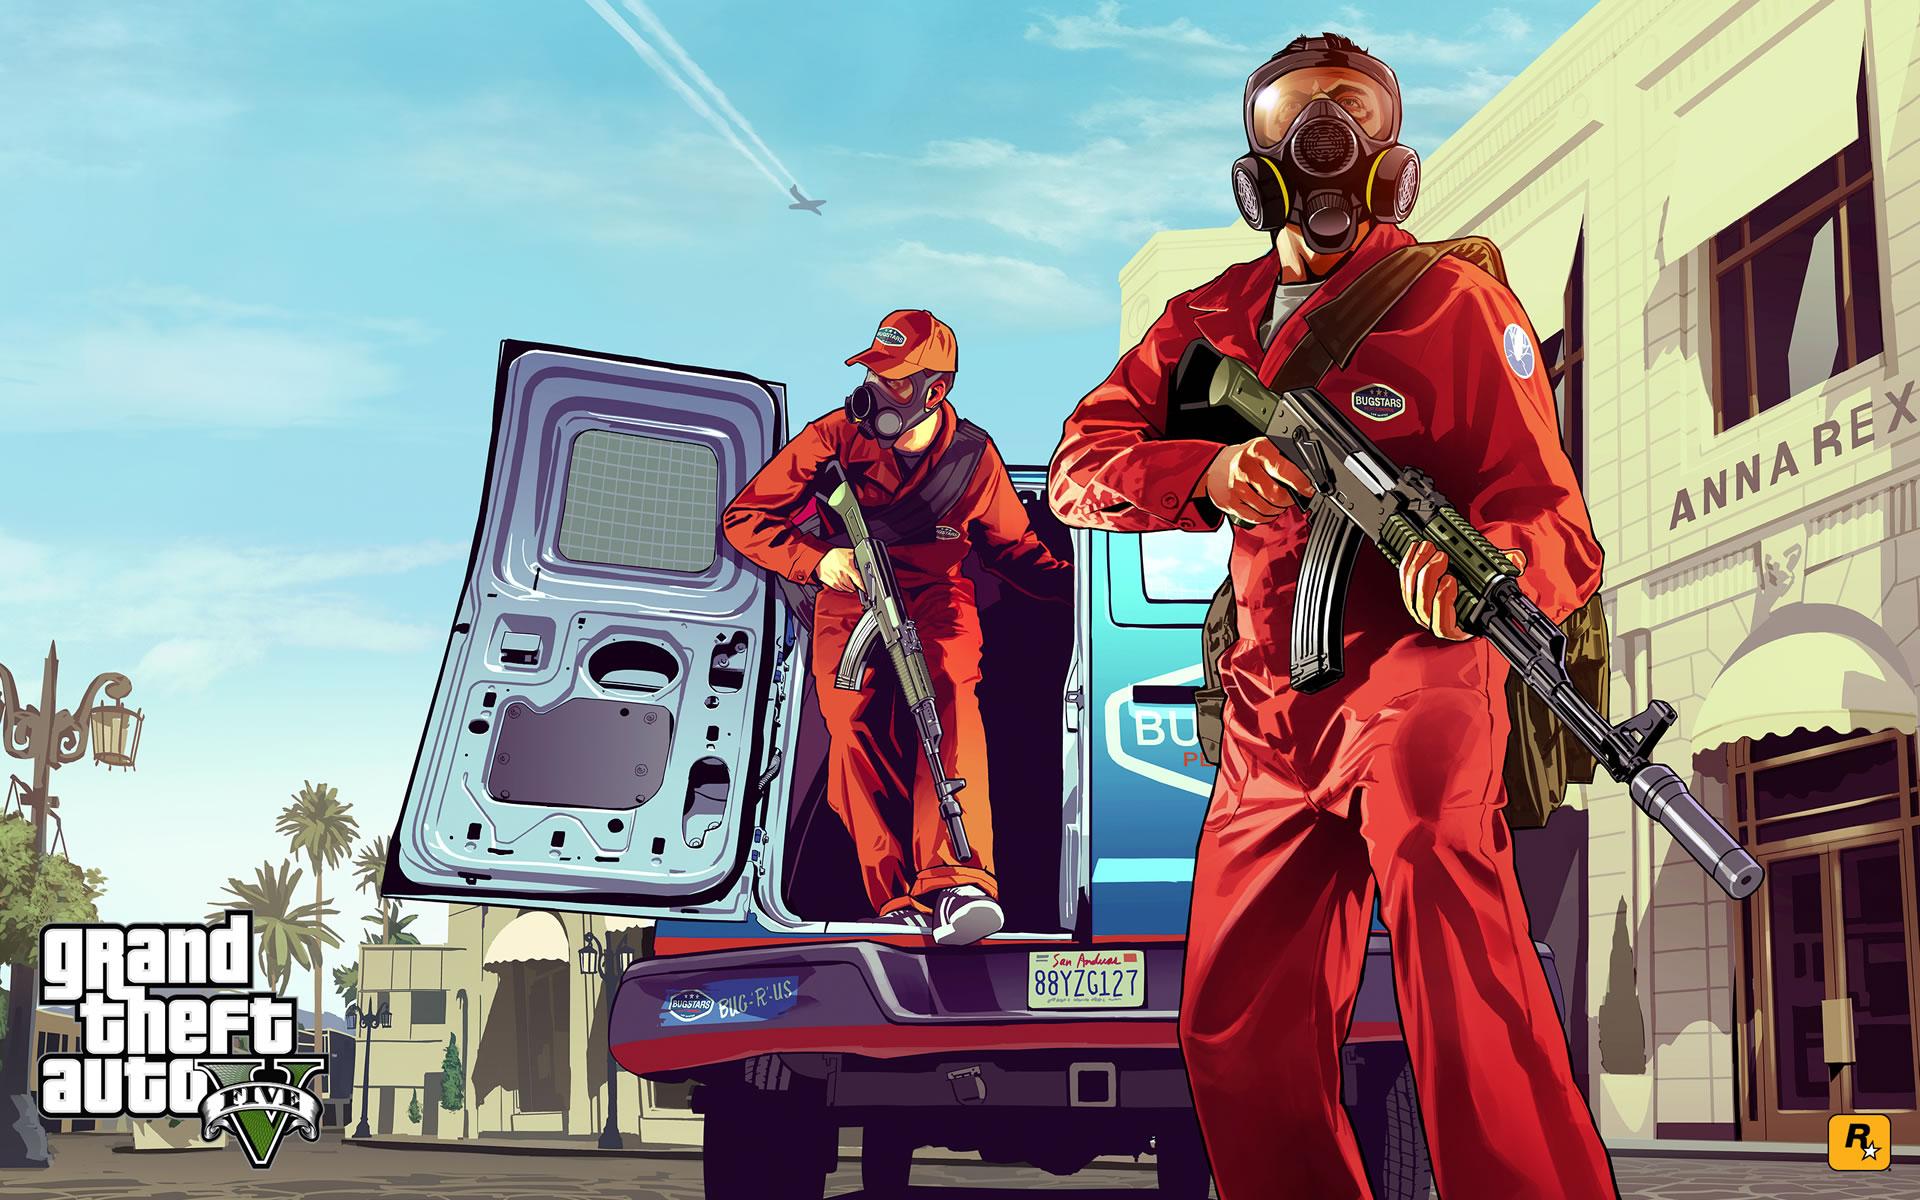 Atraco GTA 5